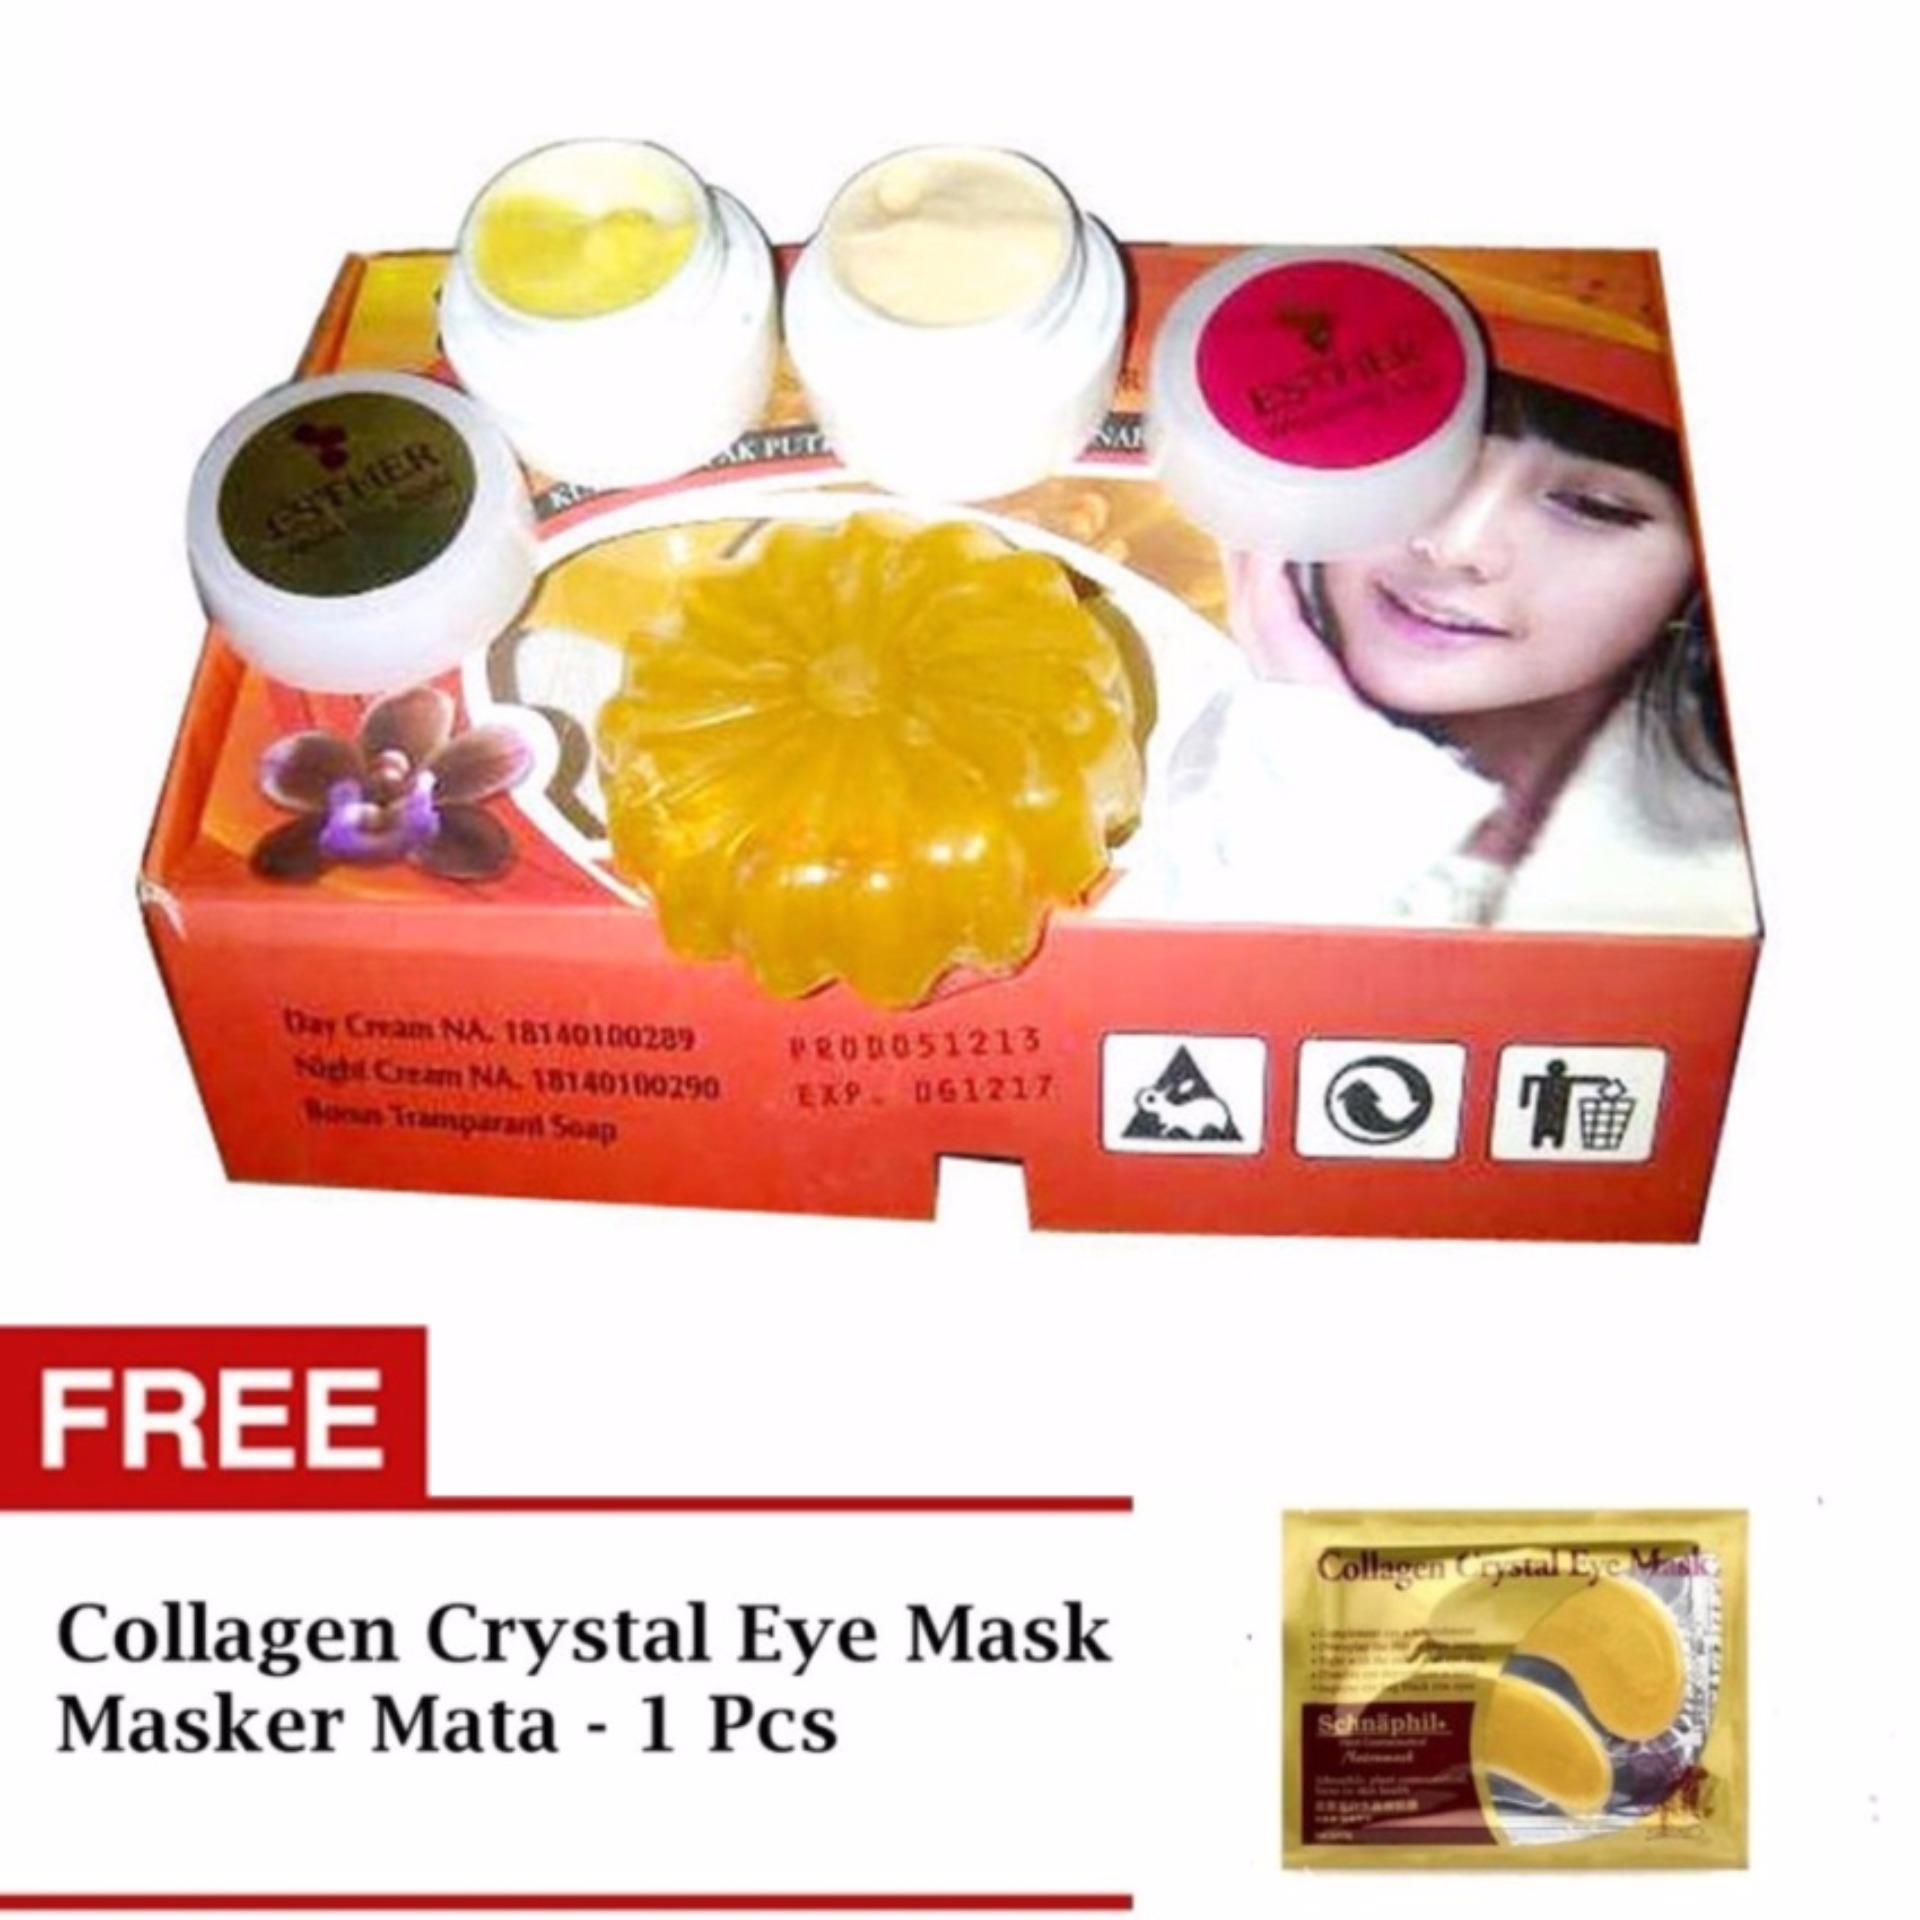 Diskon Penjualan Paket Perawatan Pencerah Wajah Esther Bpom Bioaqua Masker Mata Panda Hitam Eye Mask Free Collagen